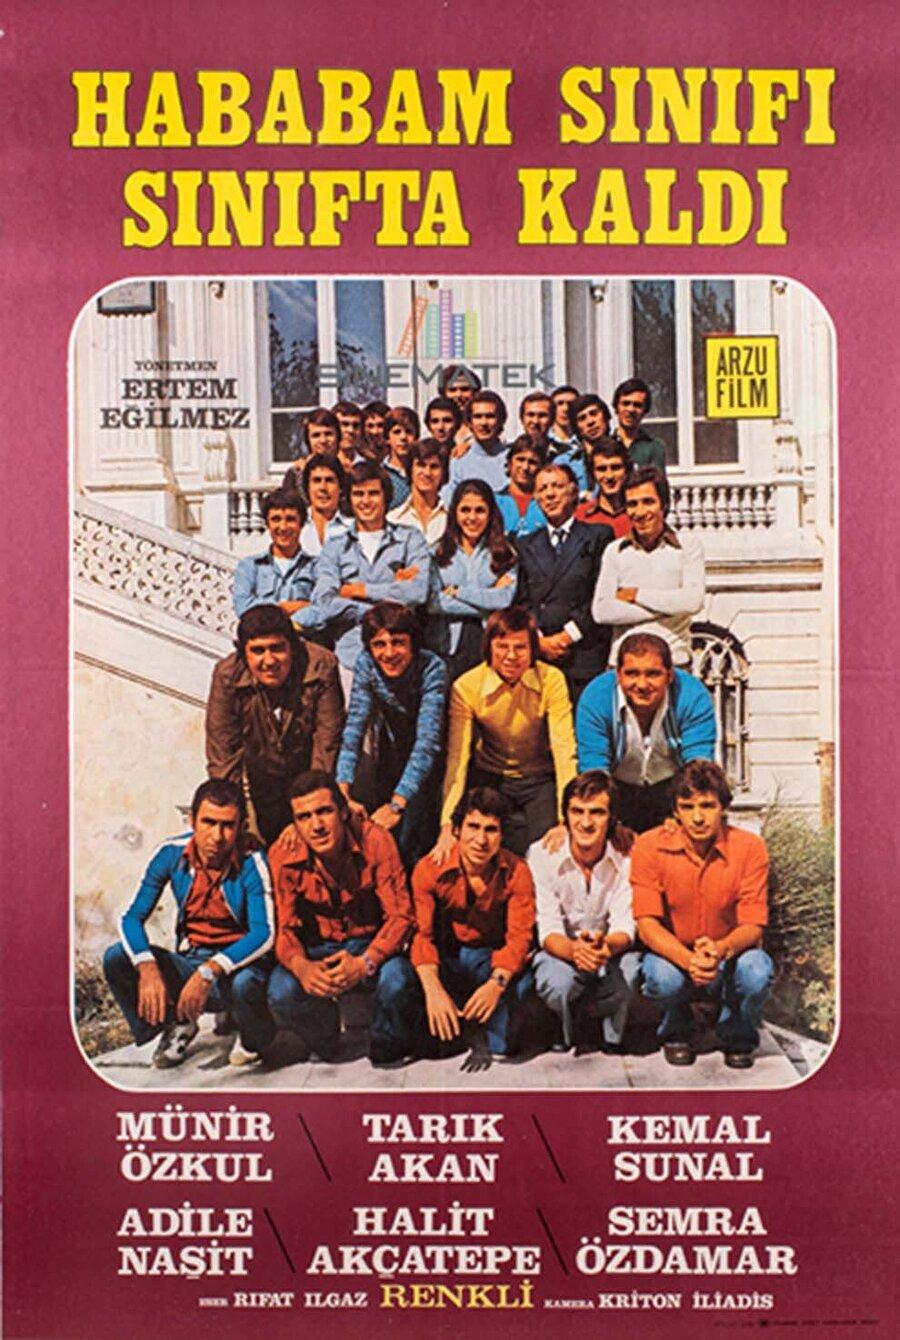 Hababam Sınıfı Sınıfta Kaldı (1975) / IMDb: 9.0